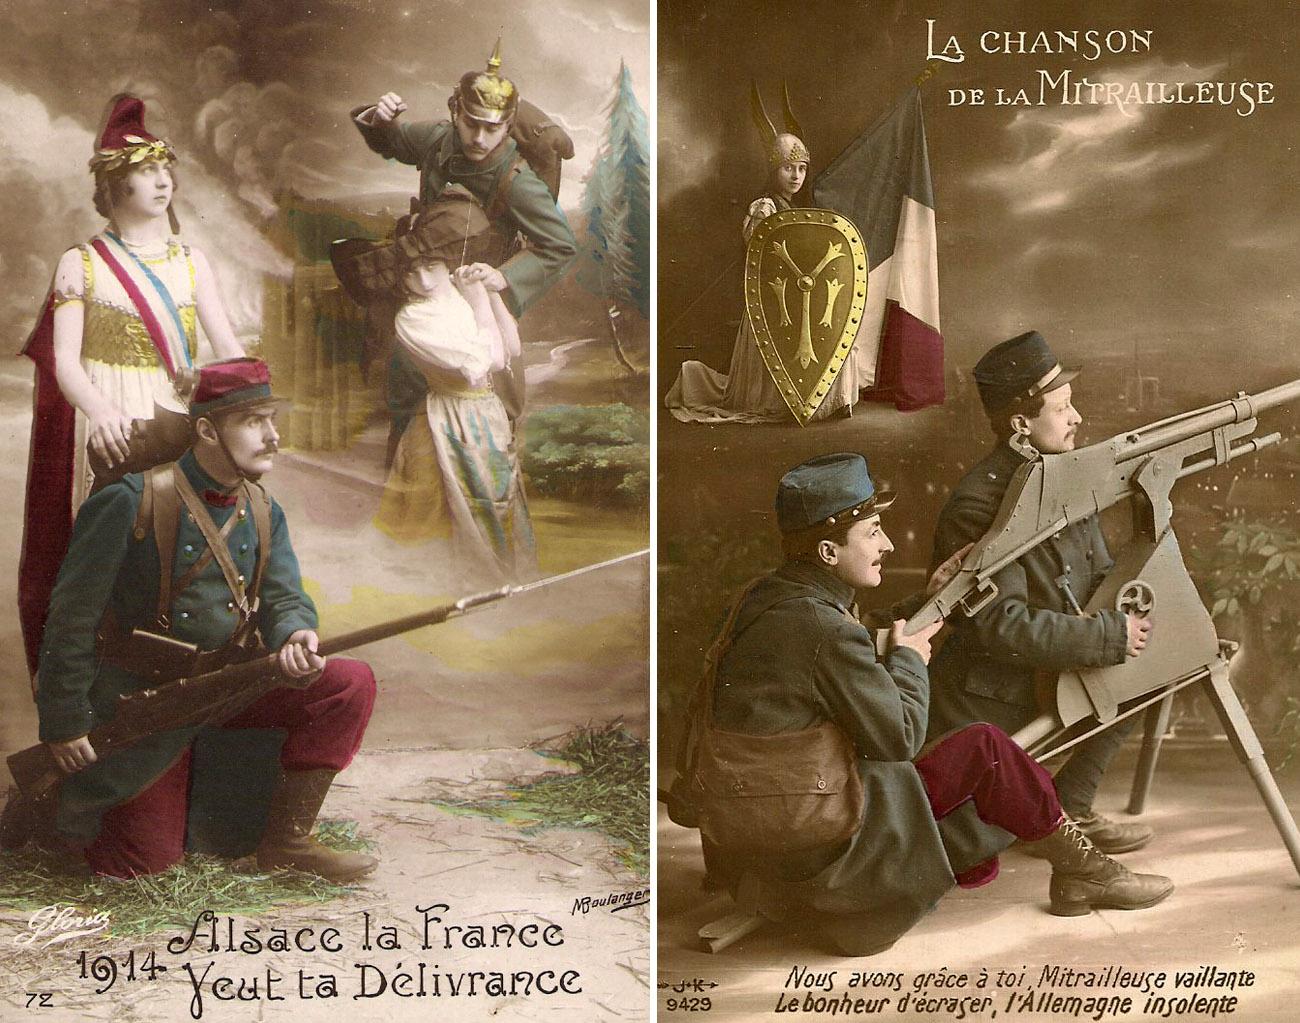 Alsace_la_France_veut_ta_delivrance_1914.jpg